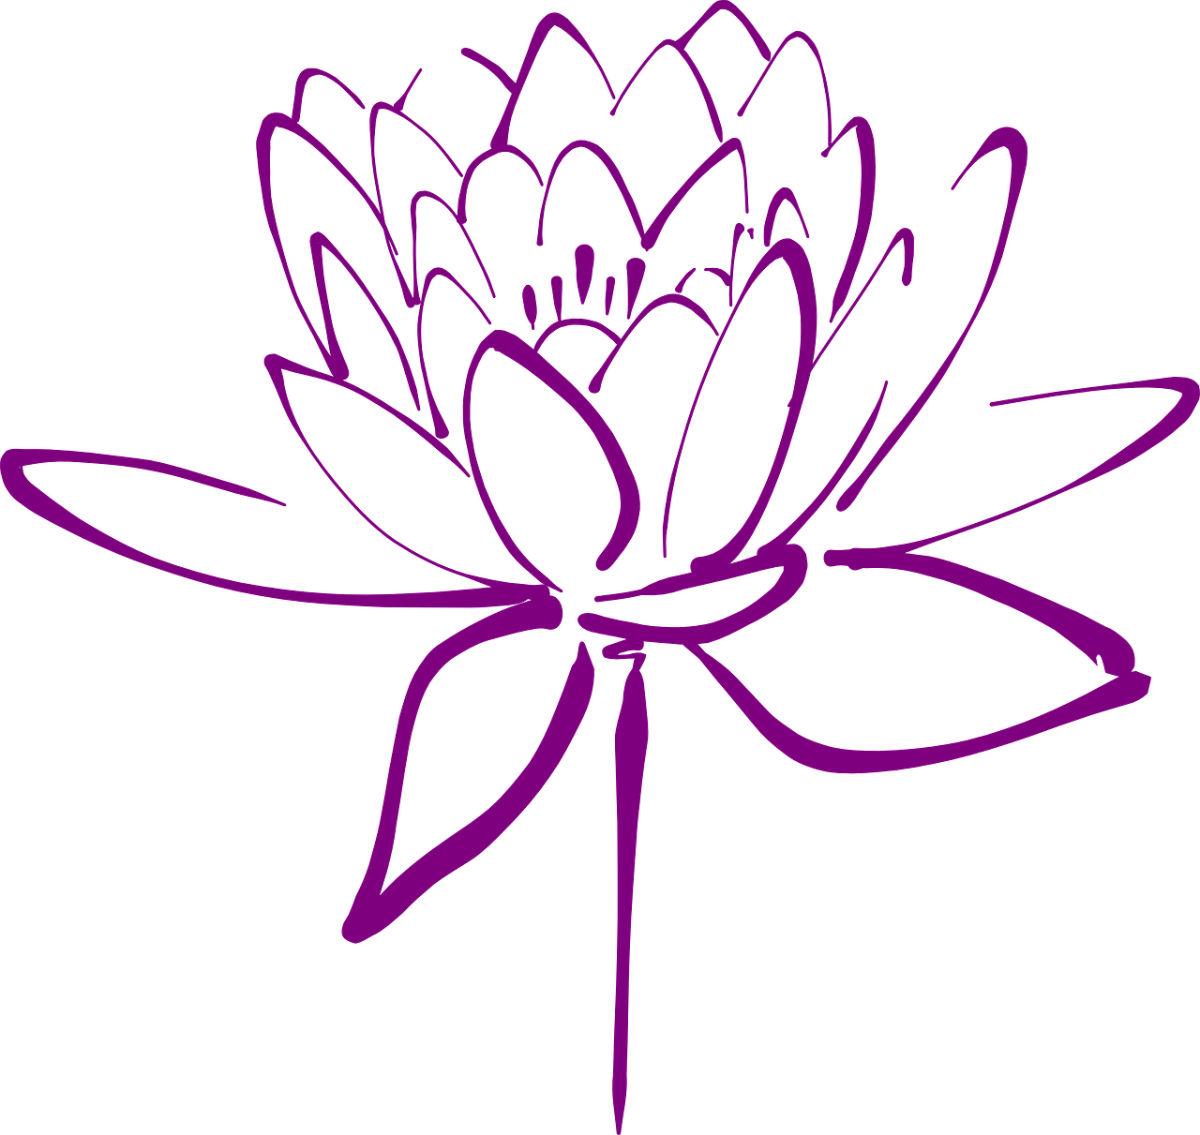 Tout savoir sur les symboles spirituels